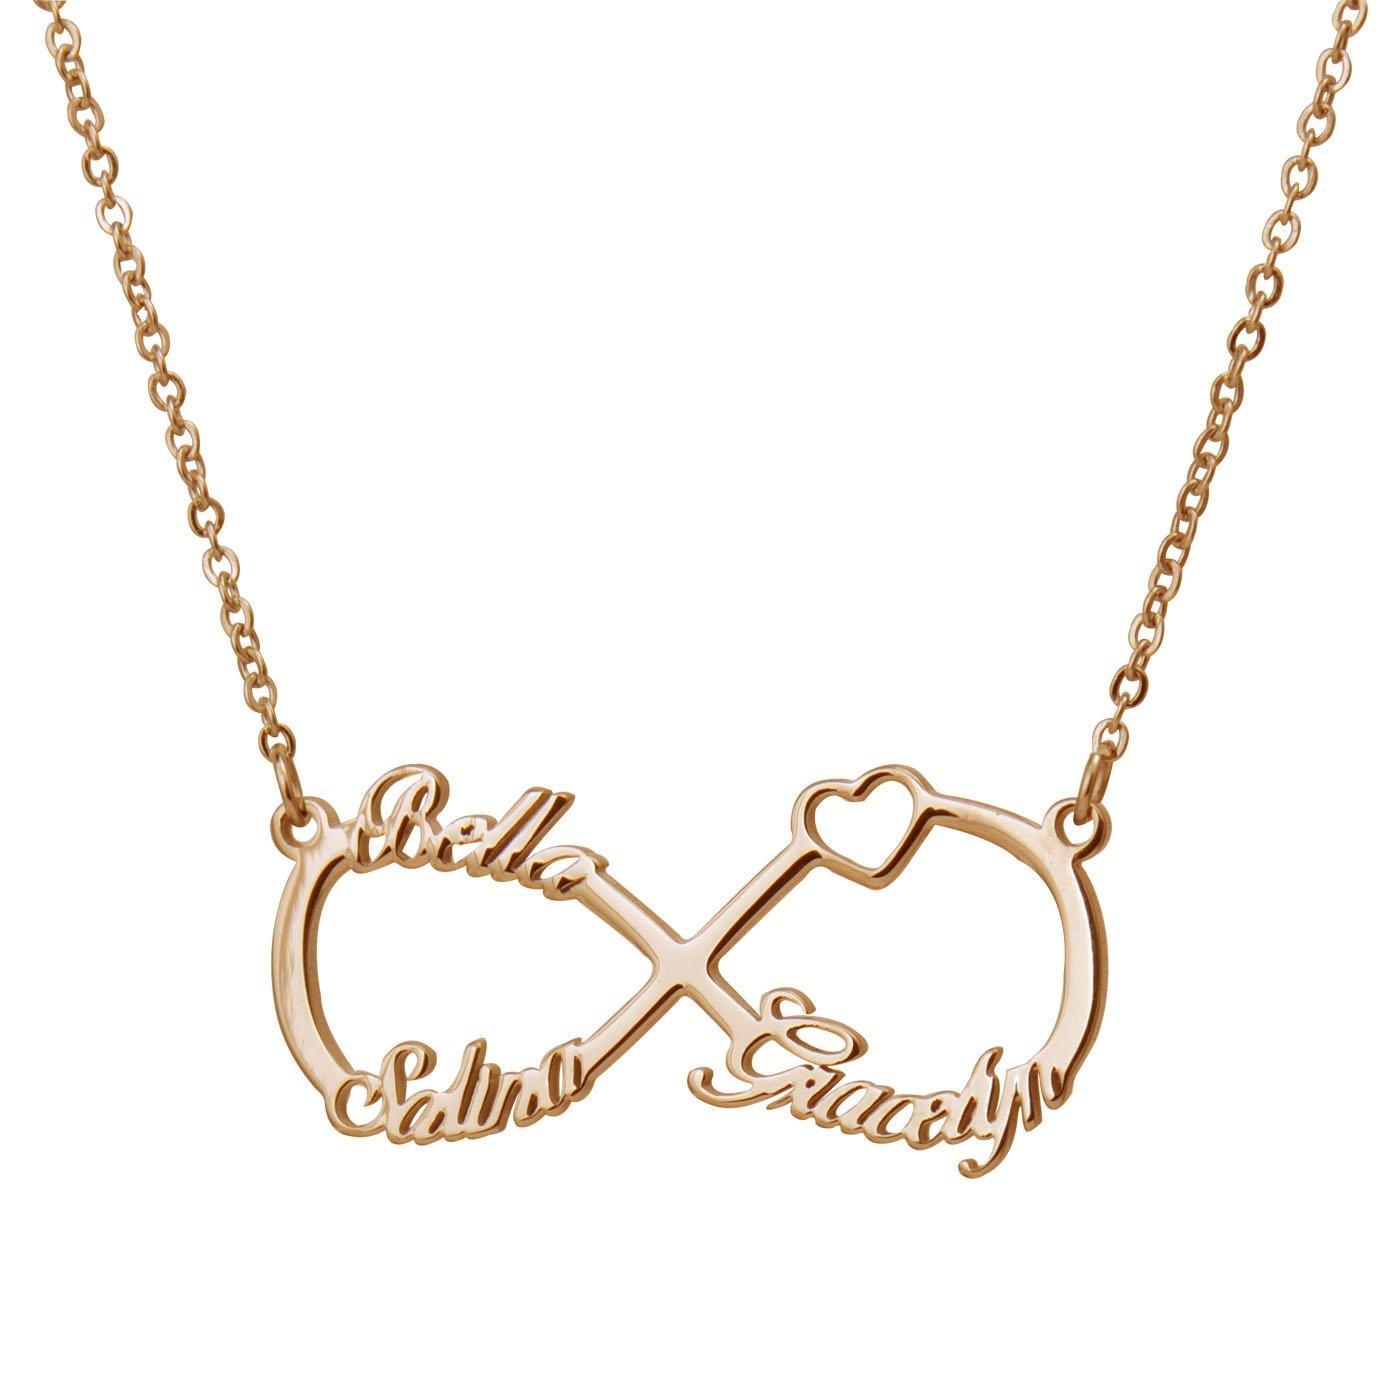 6fbf3c72ad5a Compre Collar Personalizado Personalizado Vendedor Caliente De La Barra Del  Infinito Para Las Mujeres Con El Regalo Plateado Oro De Las Pulseras De La  ...